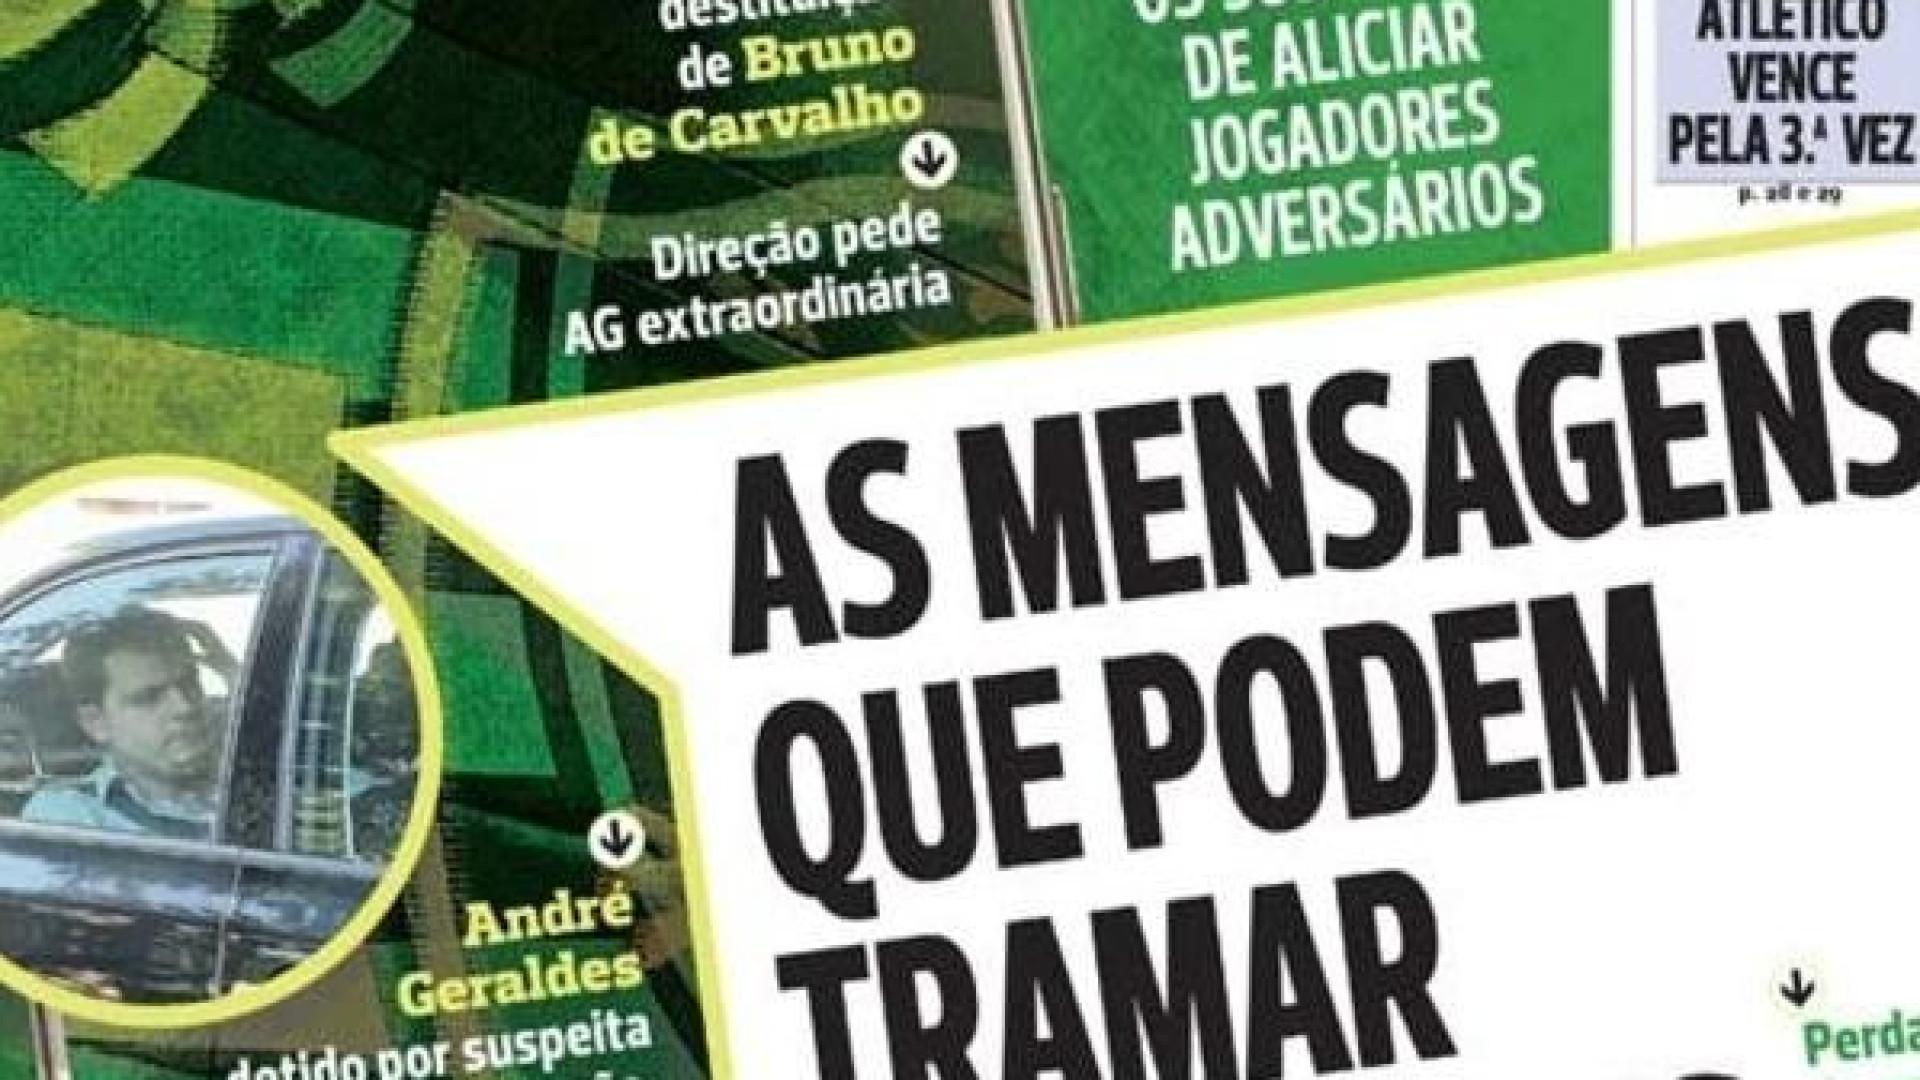 """Imprensa: O """"caos"""" e as mensagens que podem tramar o Sporting"""